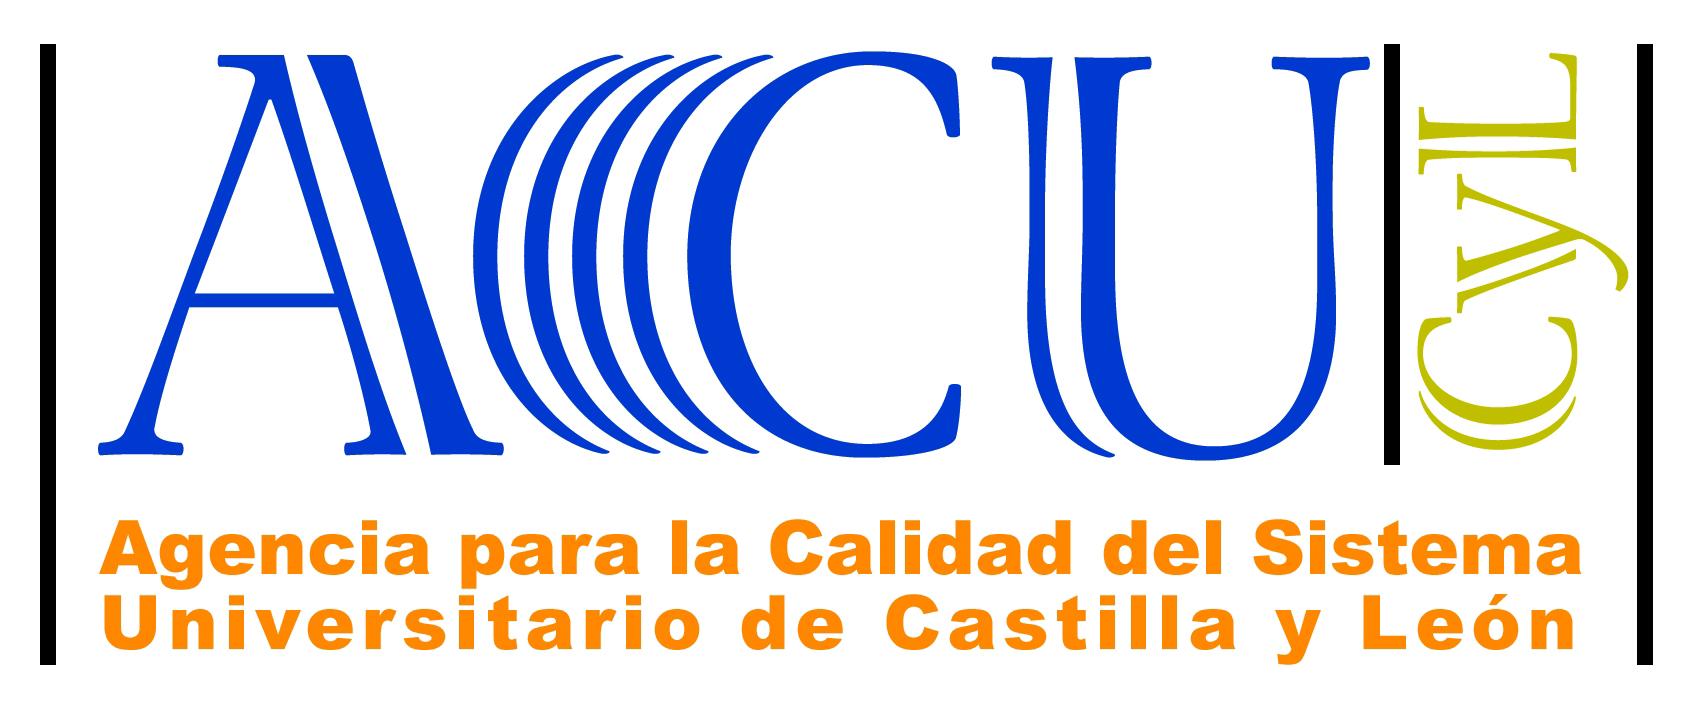 Acreditaciones y sexenios - BCI- La Biblioteca con la Investigación - Biblioguías at Universidad de Valladolid Biblioteca